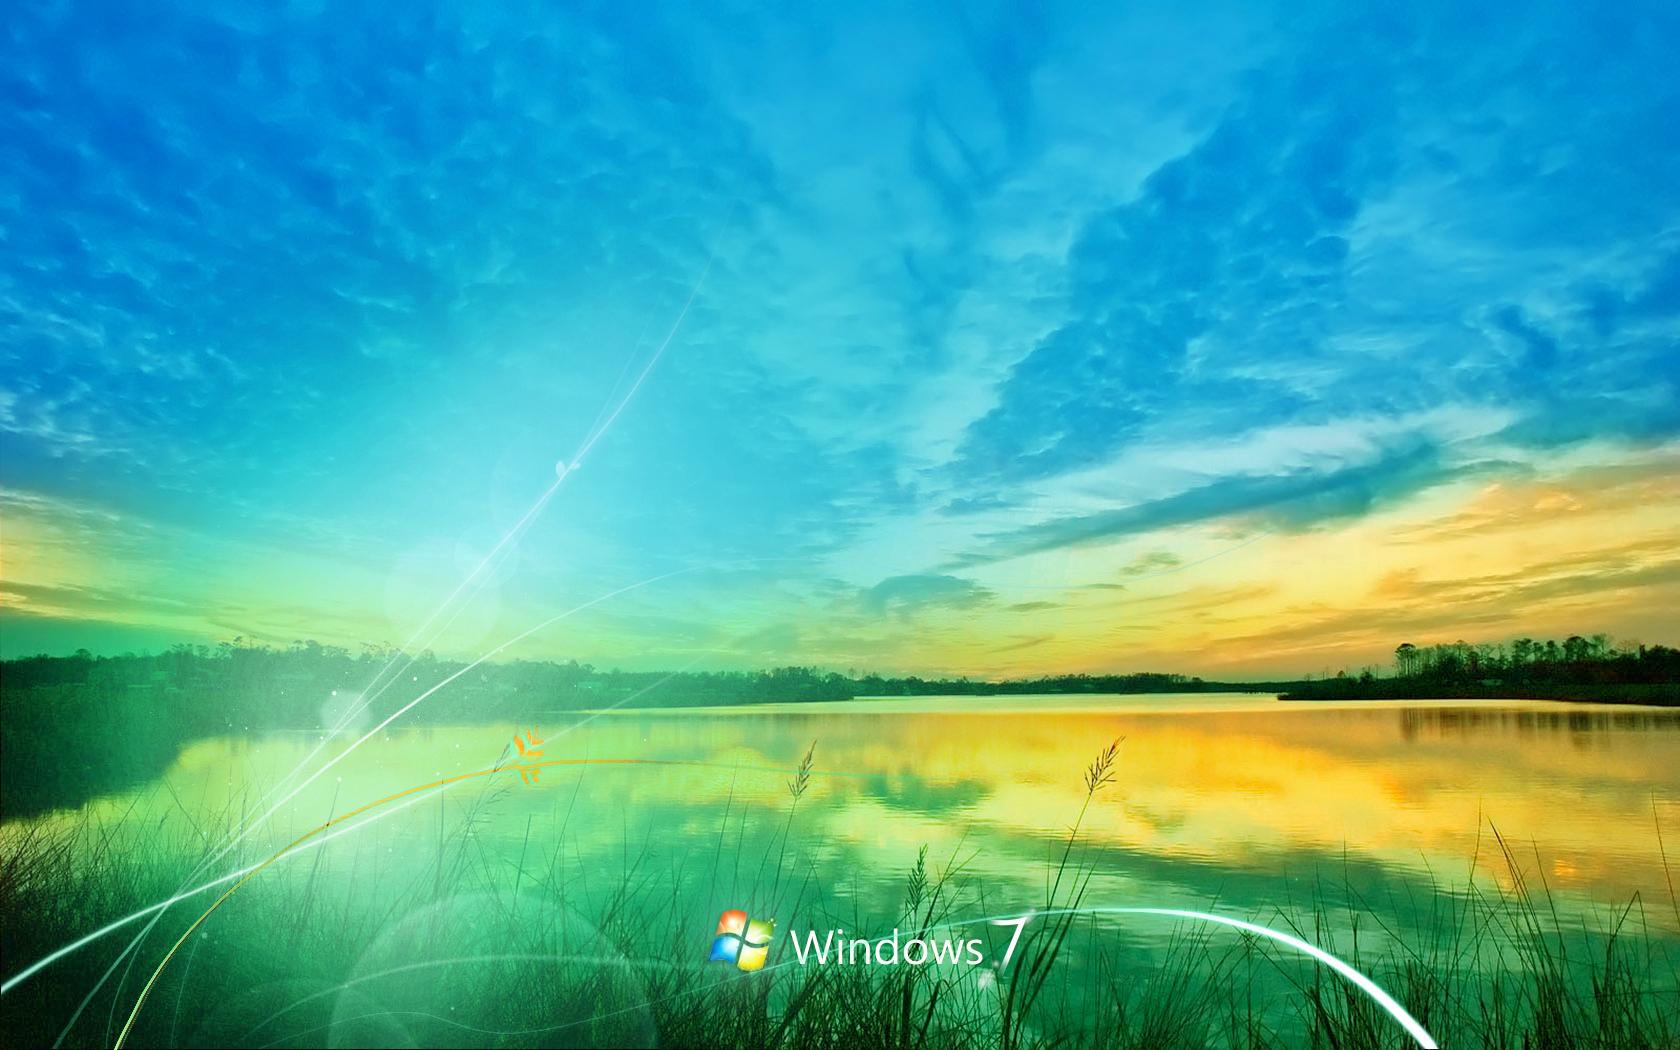 windows 7 Trucos y tutoriales para sacar el máximo provecho al sistema operativo windows.